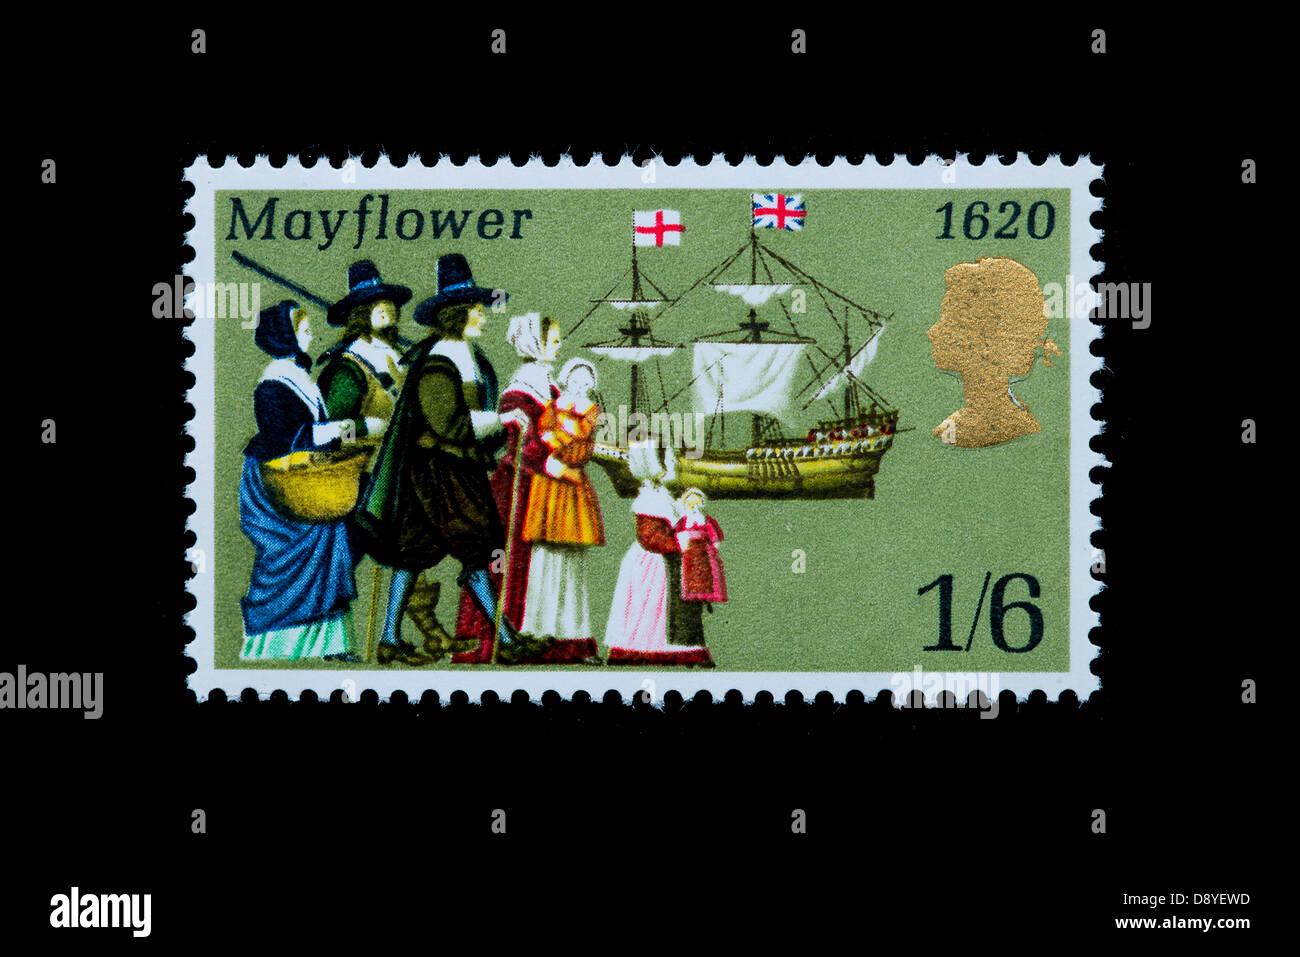 Mayflower Jahrestag in einem britischen Stempel Stockbild